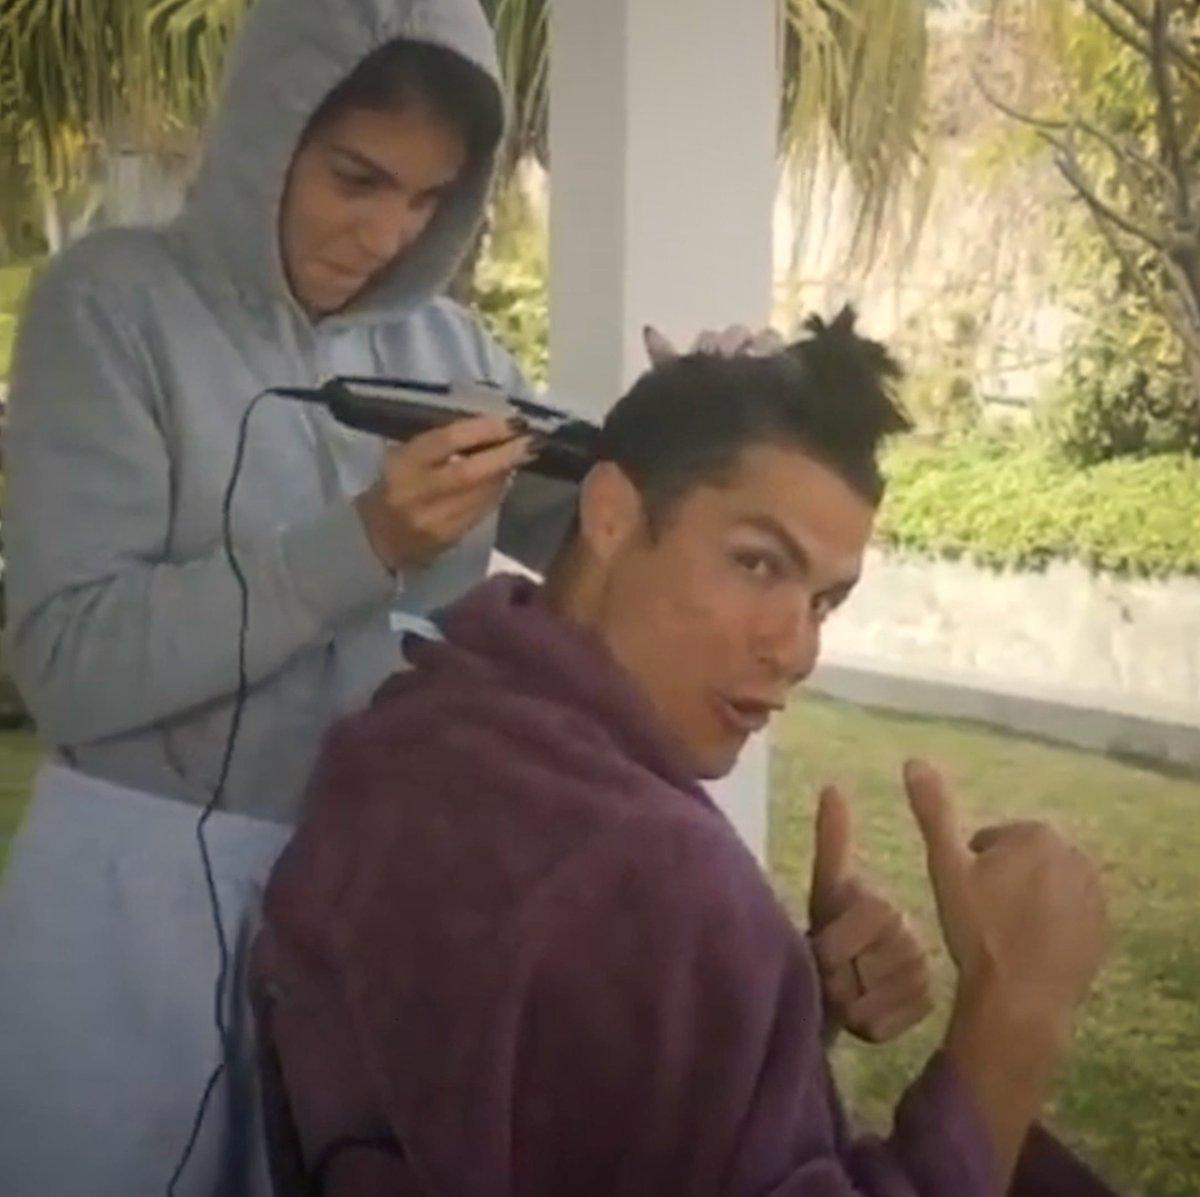 Novos cortes de cabelo 💈, exercícios físicos 💪 e cães. 🐶  Os Bianconeri em casa 🏠⚪️⚫️